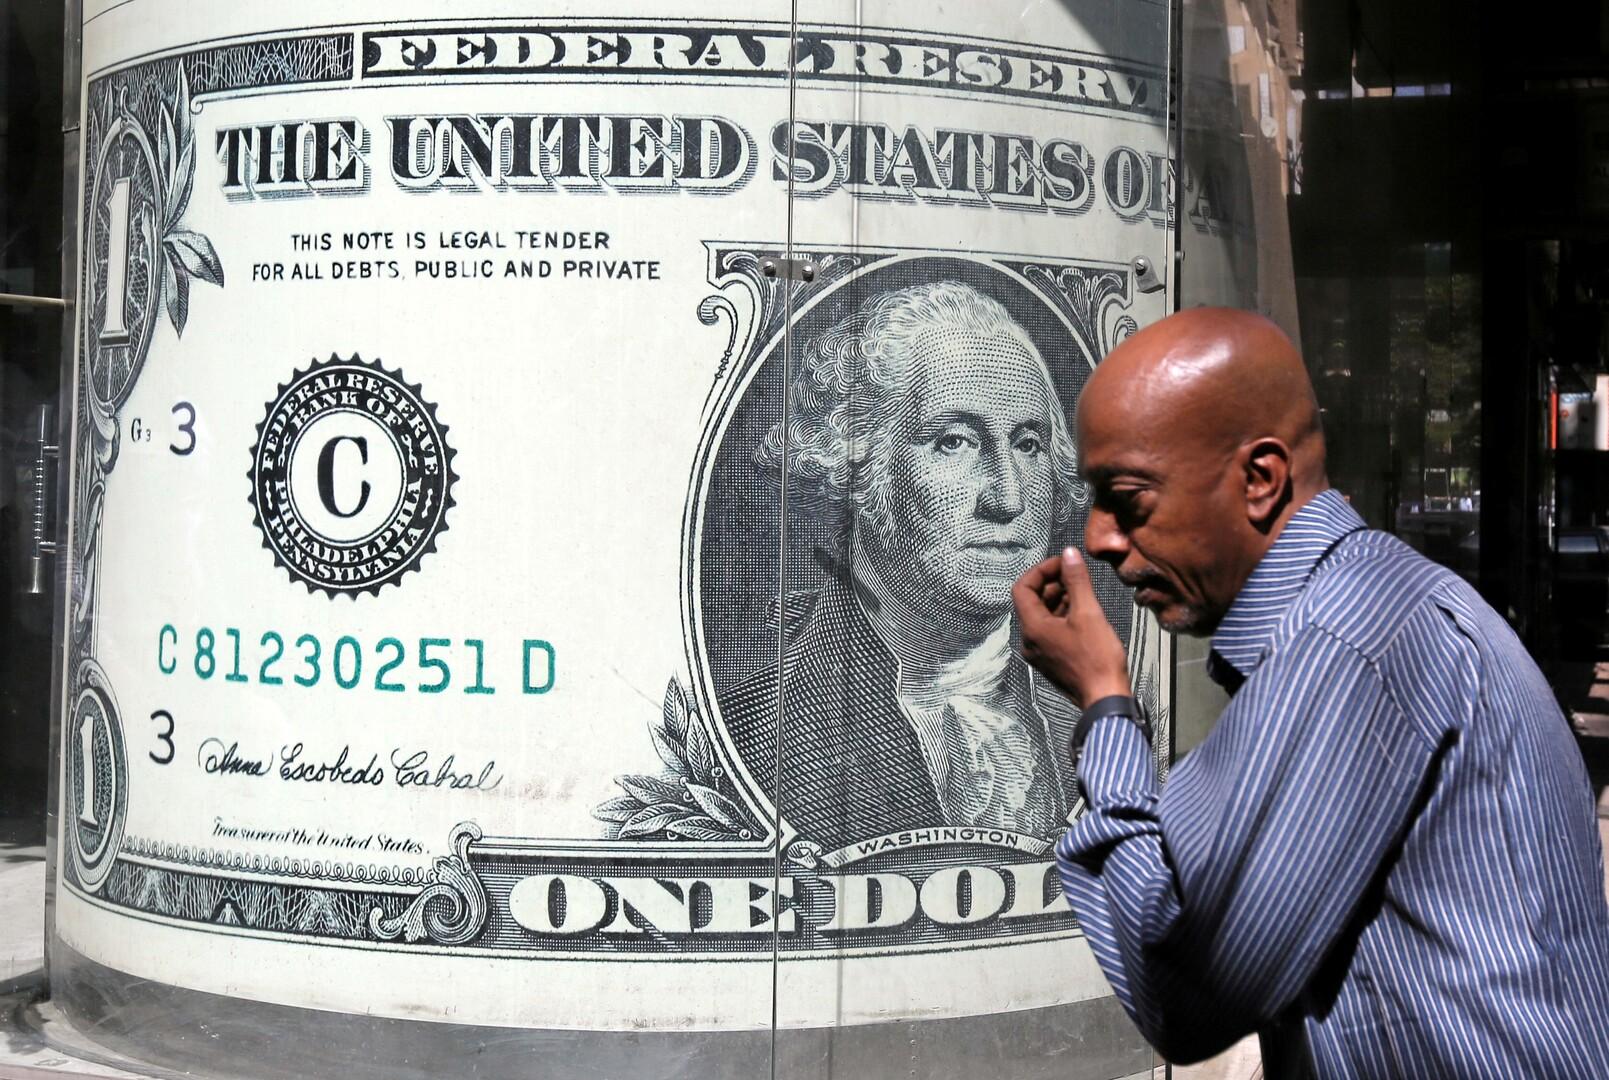 تراجع جديد للدولار أمام الجنيه.. الأسباب ومتى سيعاود الارتفاع